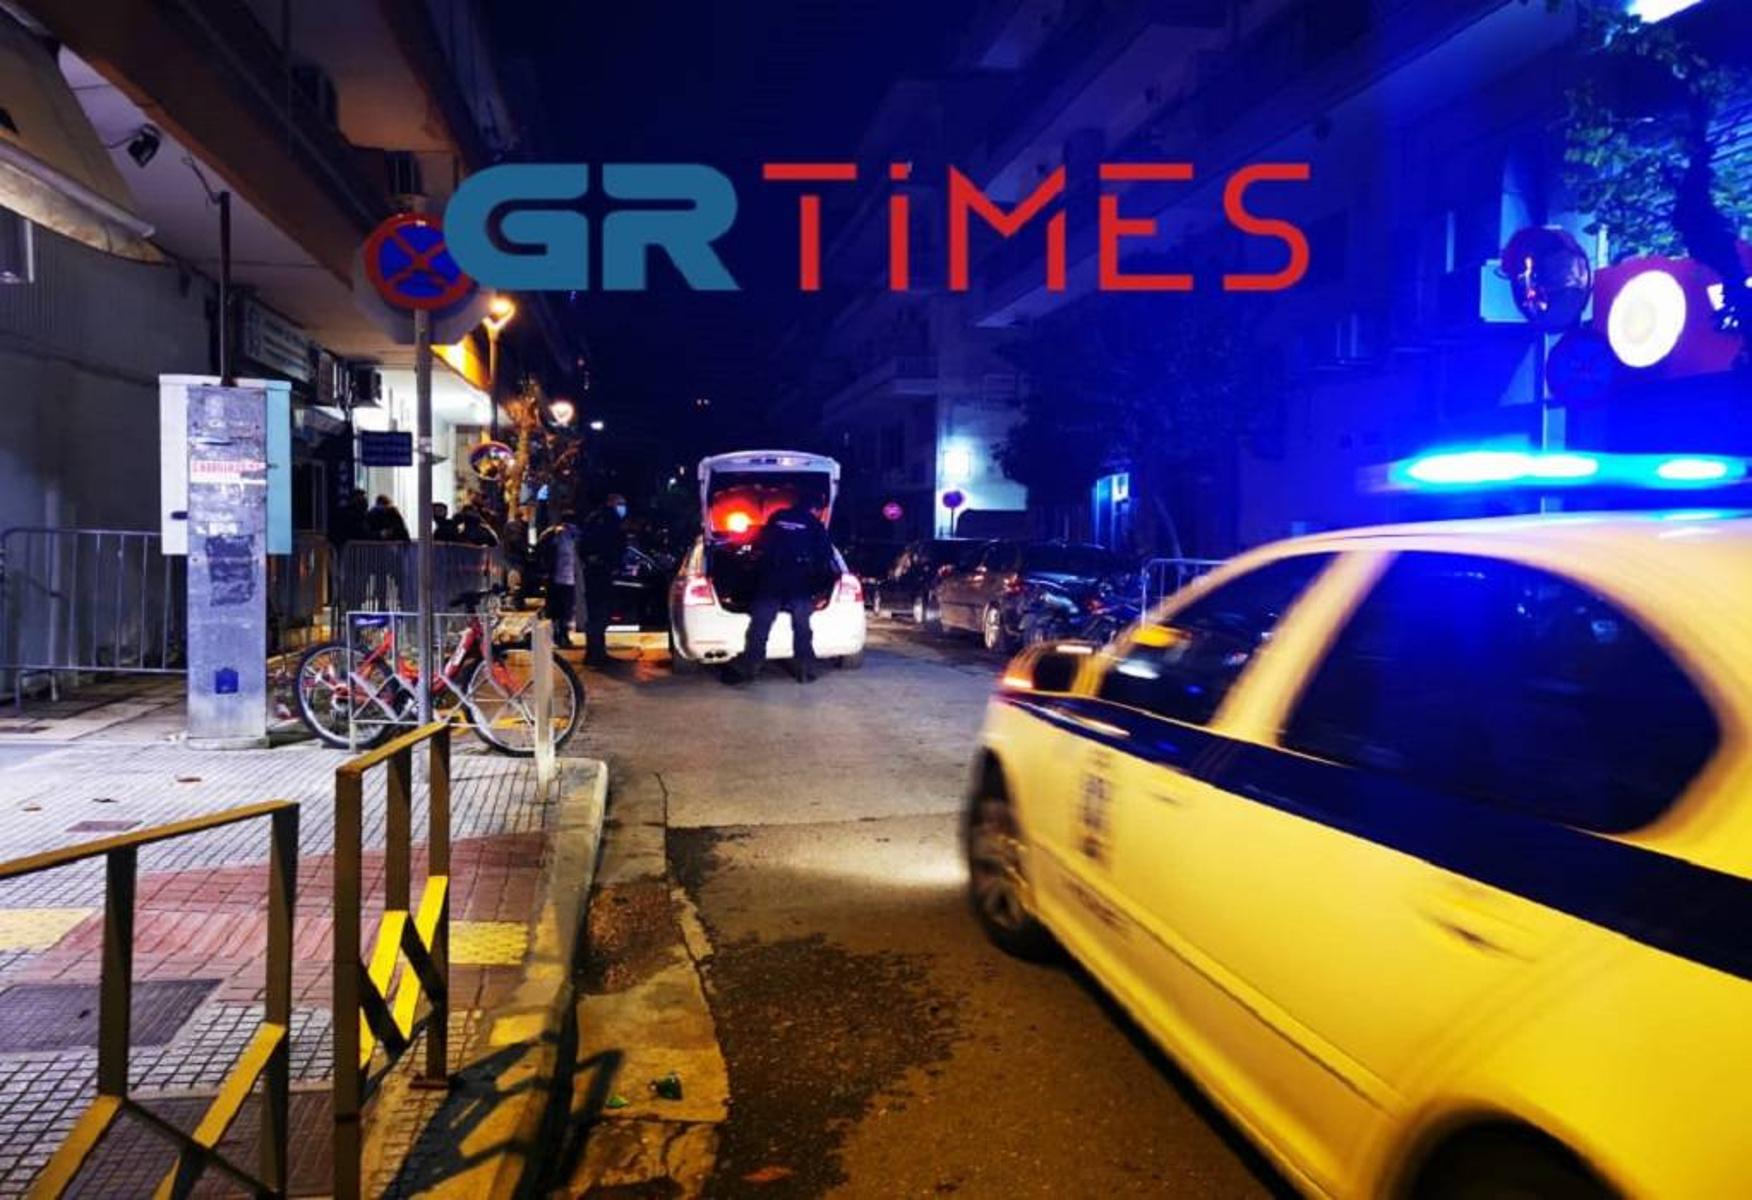 Θεσσαλονίκη: Καταδρομική επίθεση με μολότοφ στο ΑΤ Αμπελοκήπων – Πολλές προσαγωγές